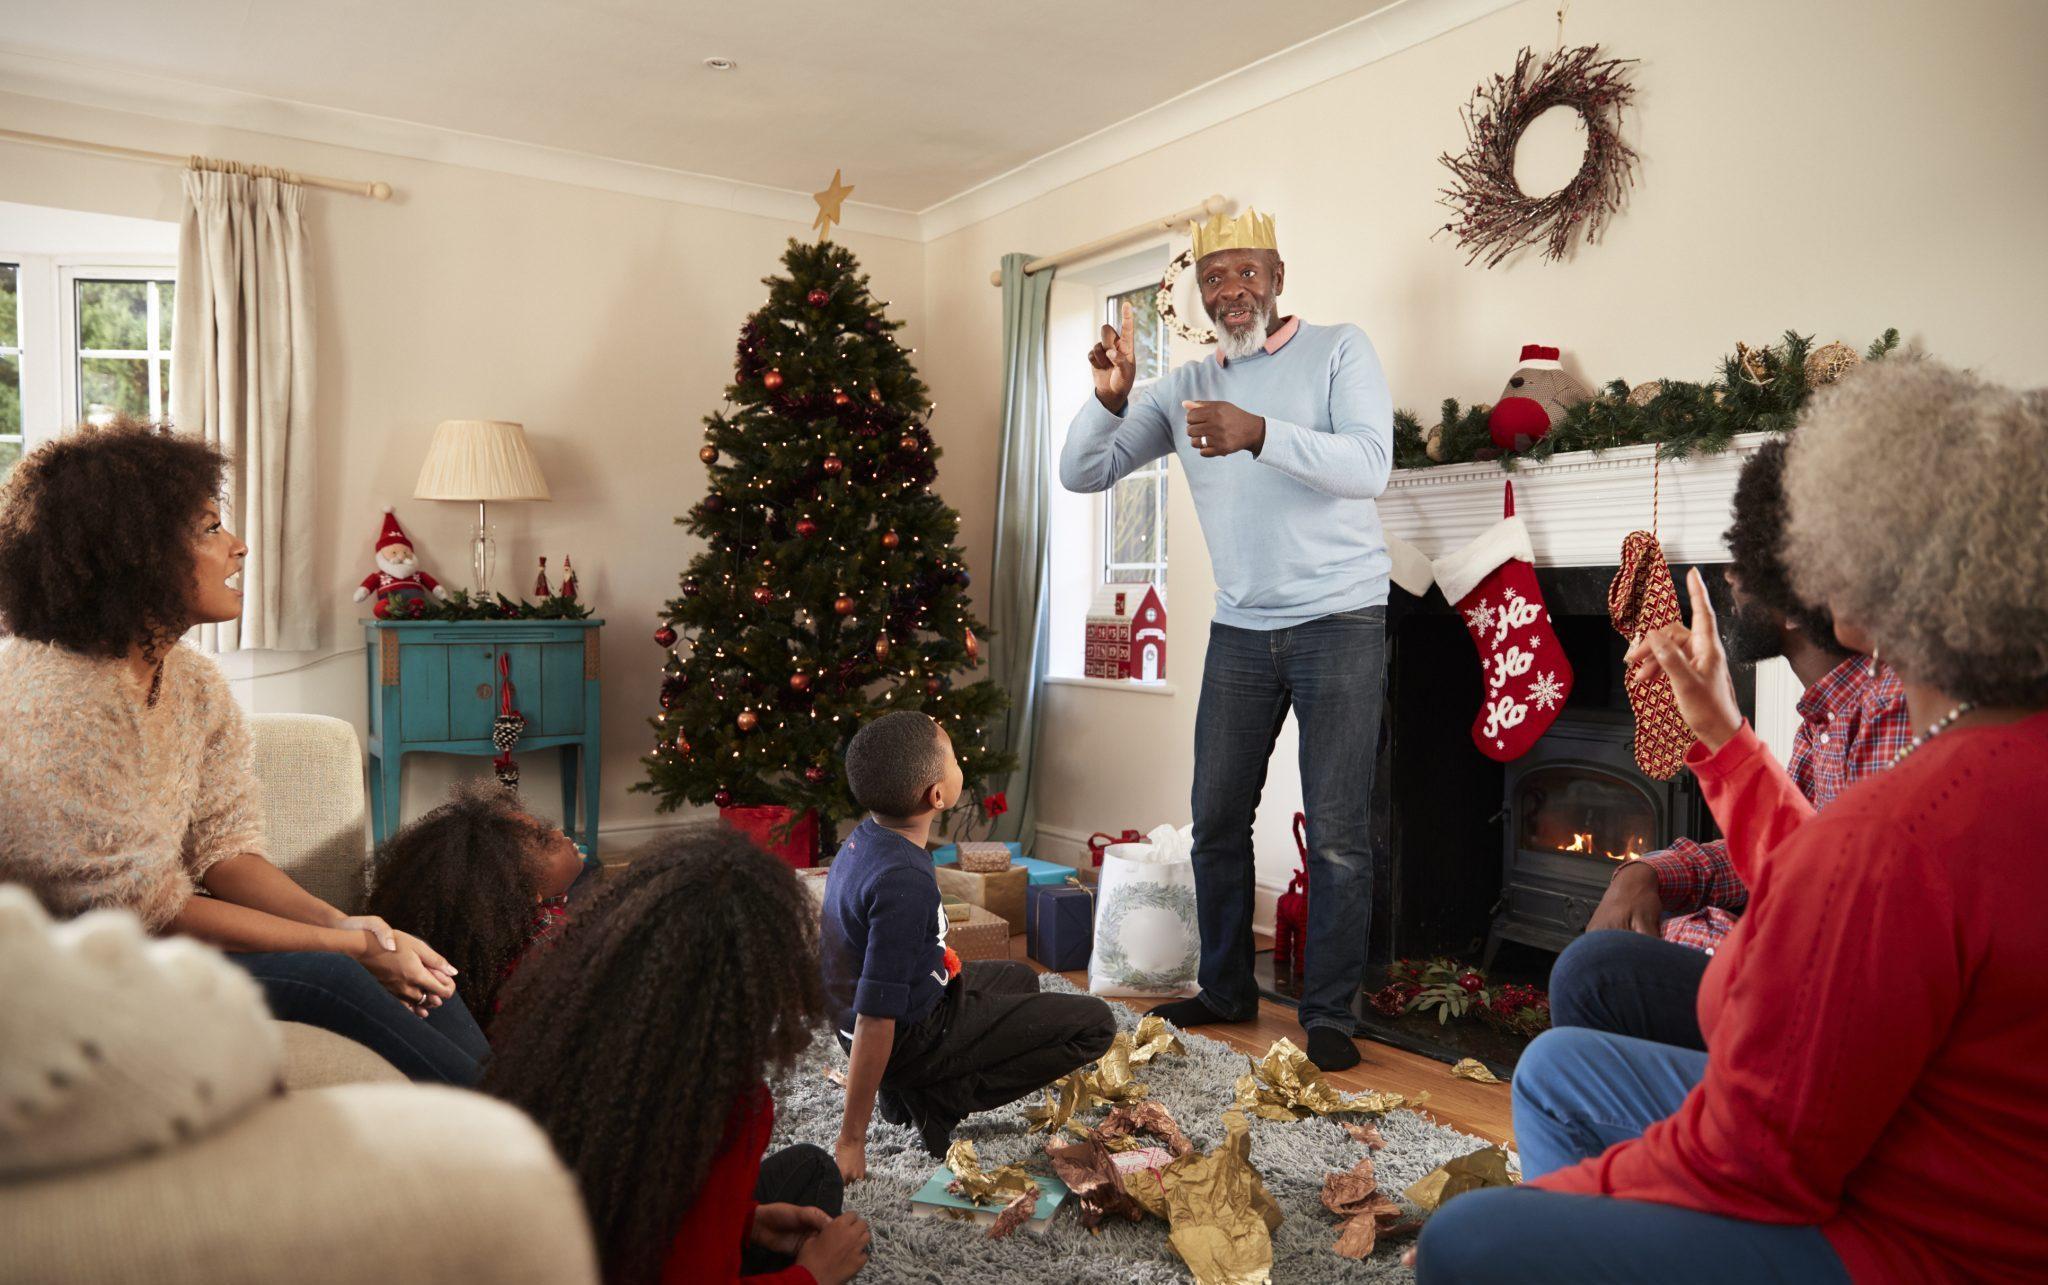 charades Christmas